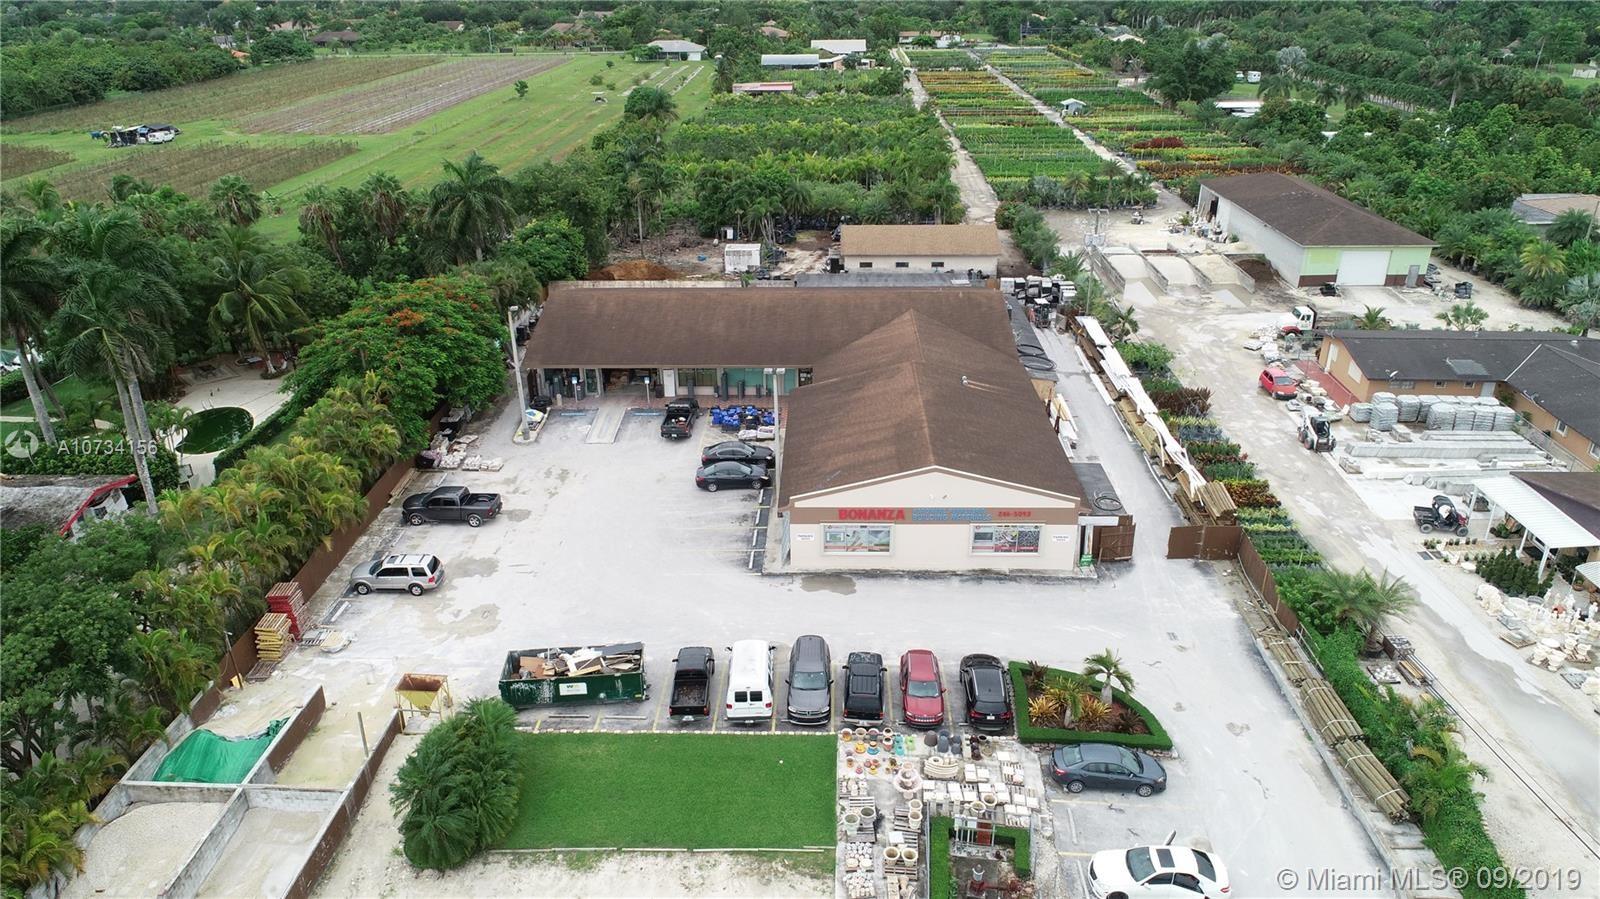 22538 SW 177th Ave, Miami, FL 33170